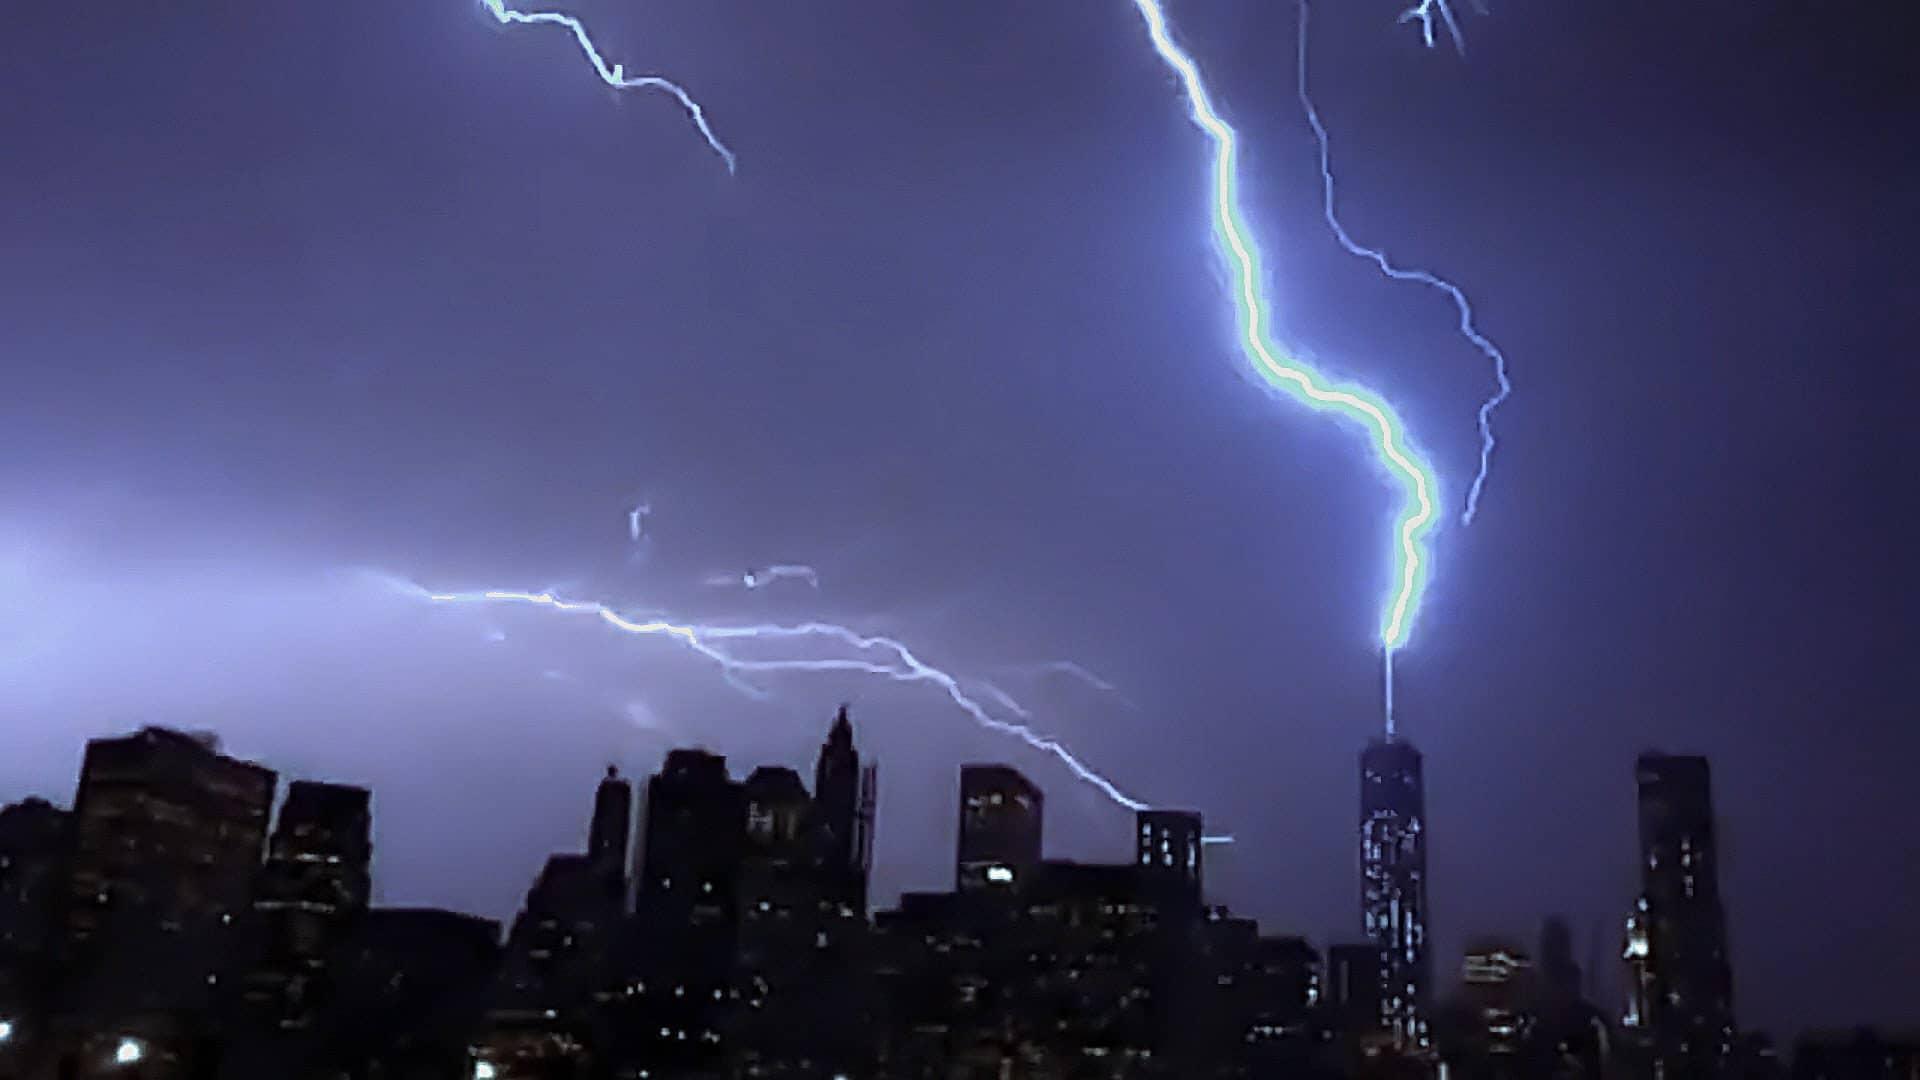 bitrefill adds lightning network 2